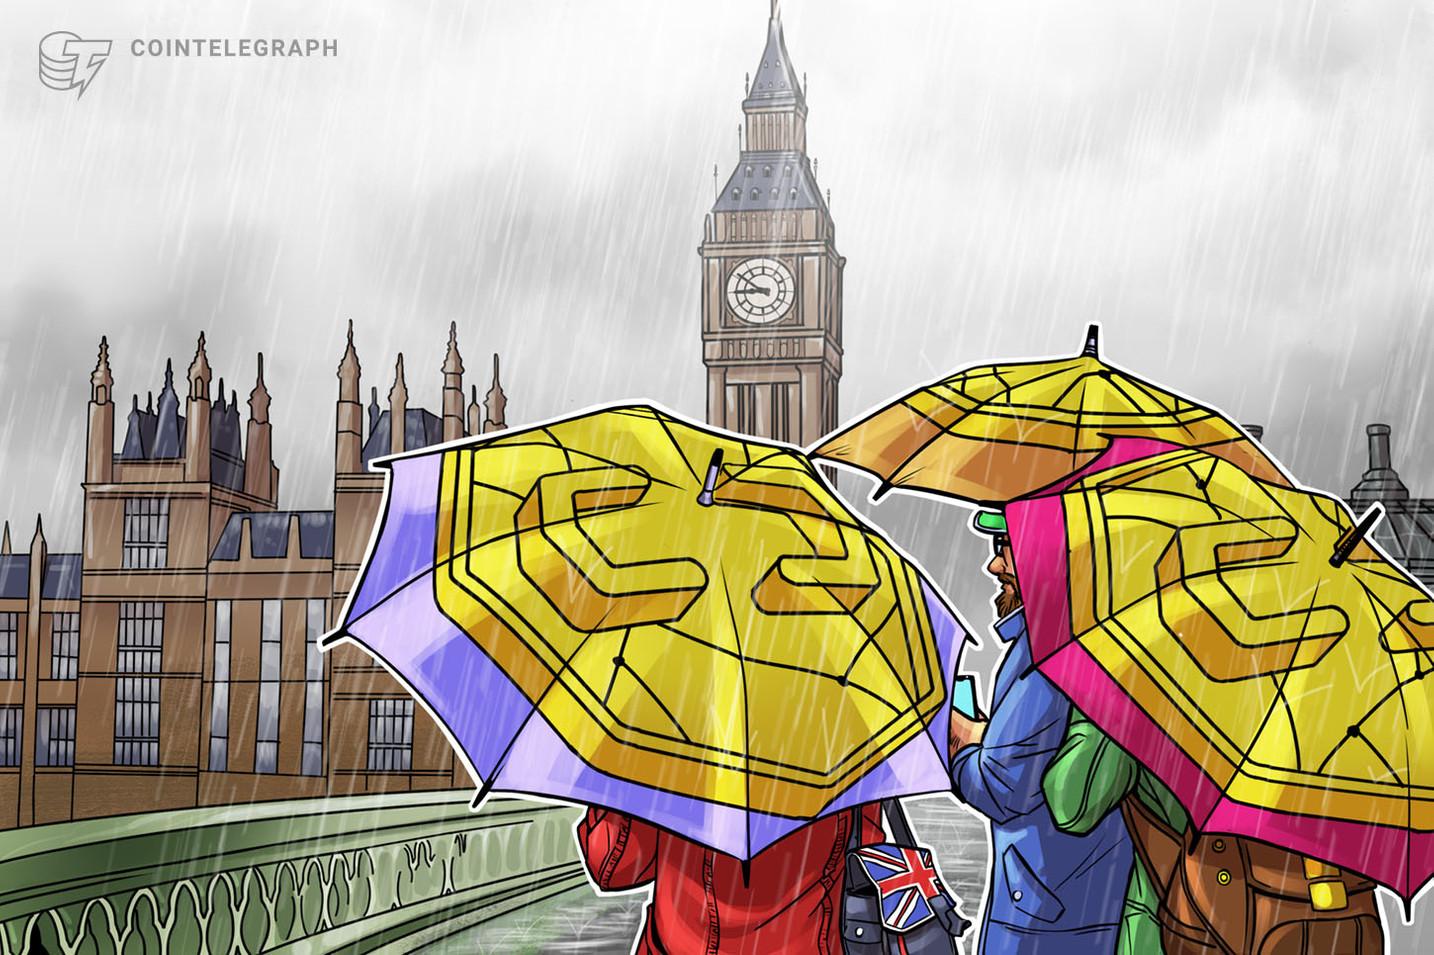 Felmérés: Az Egyesült Királyság kriptográfiai befektetőinek 21% -a állítja, hogy szinte semmit sem tudnak róla